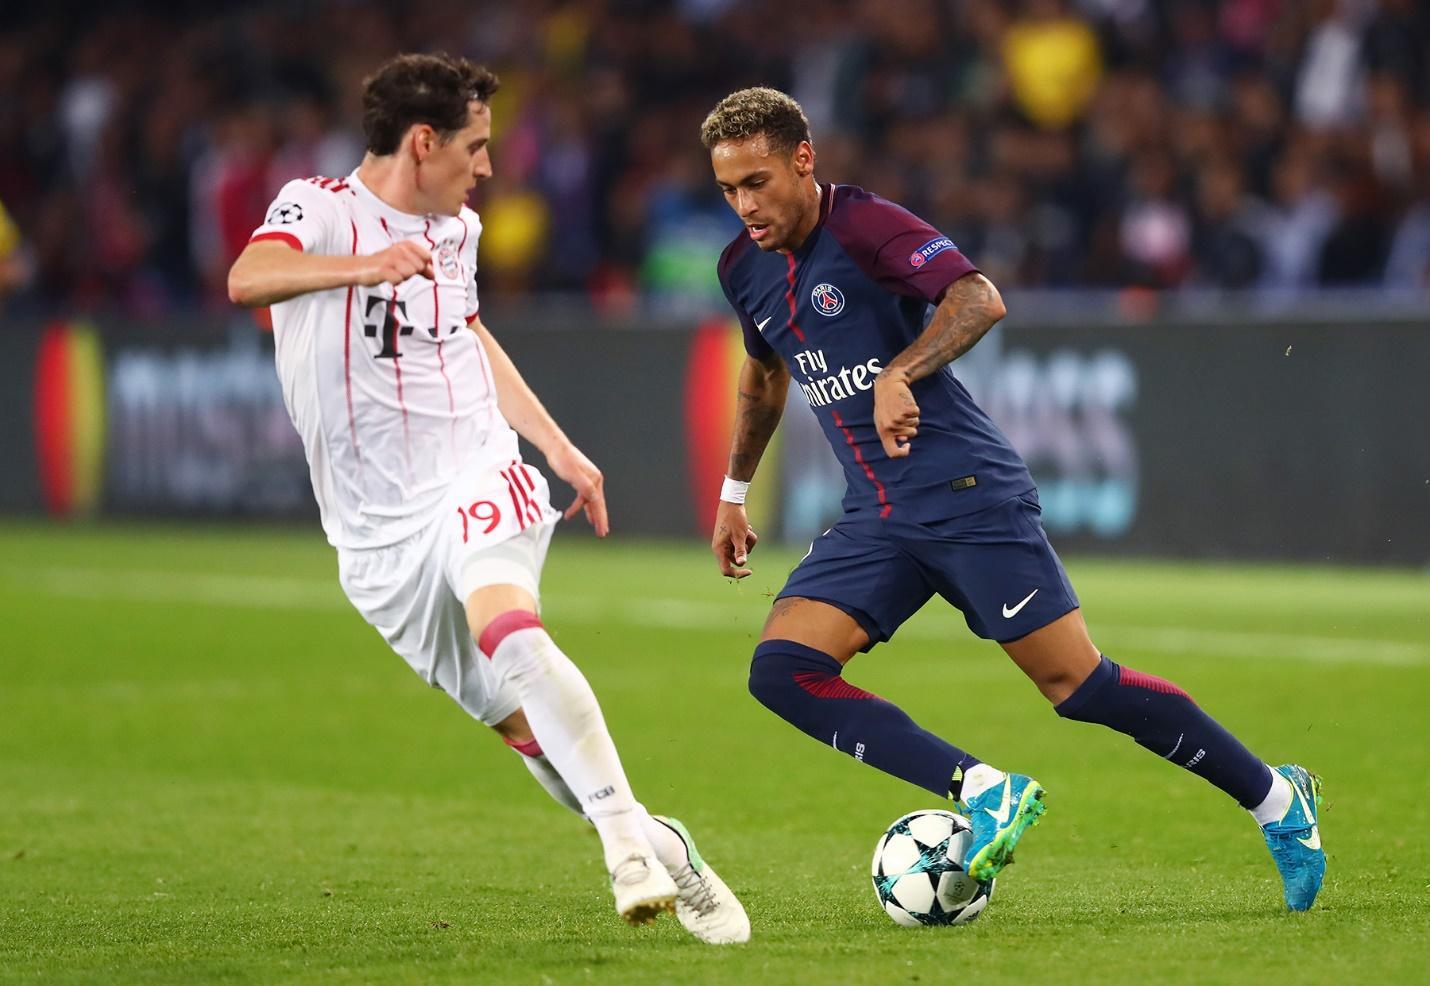 Neymar đã có những giây phút khấy đảo hàng phòng ngự Bayern trong lần đối đầu gần nhất